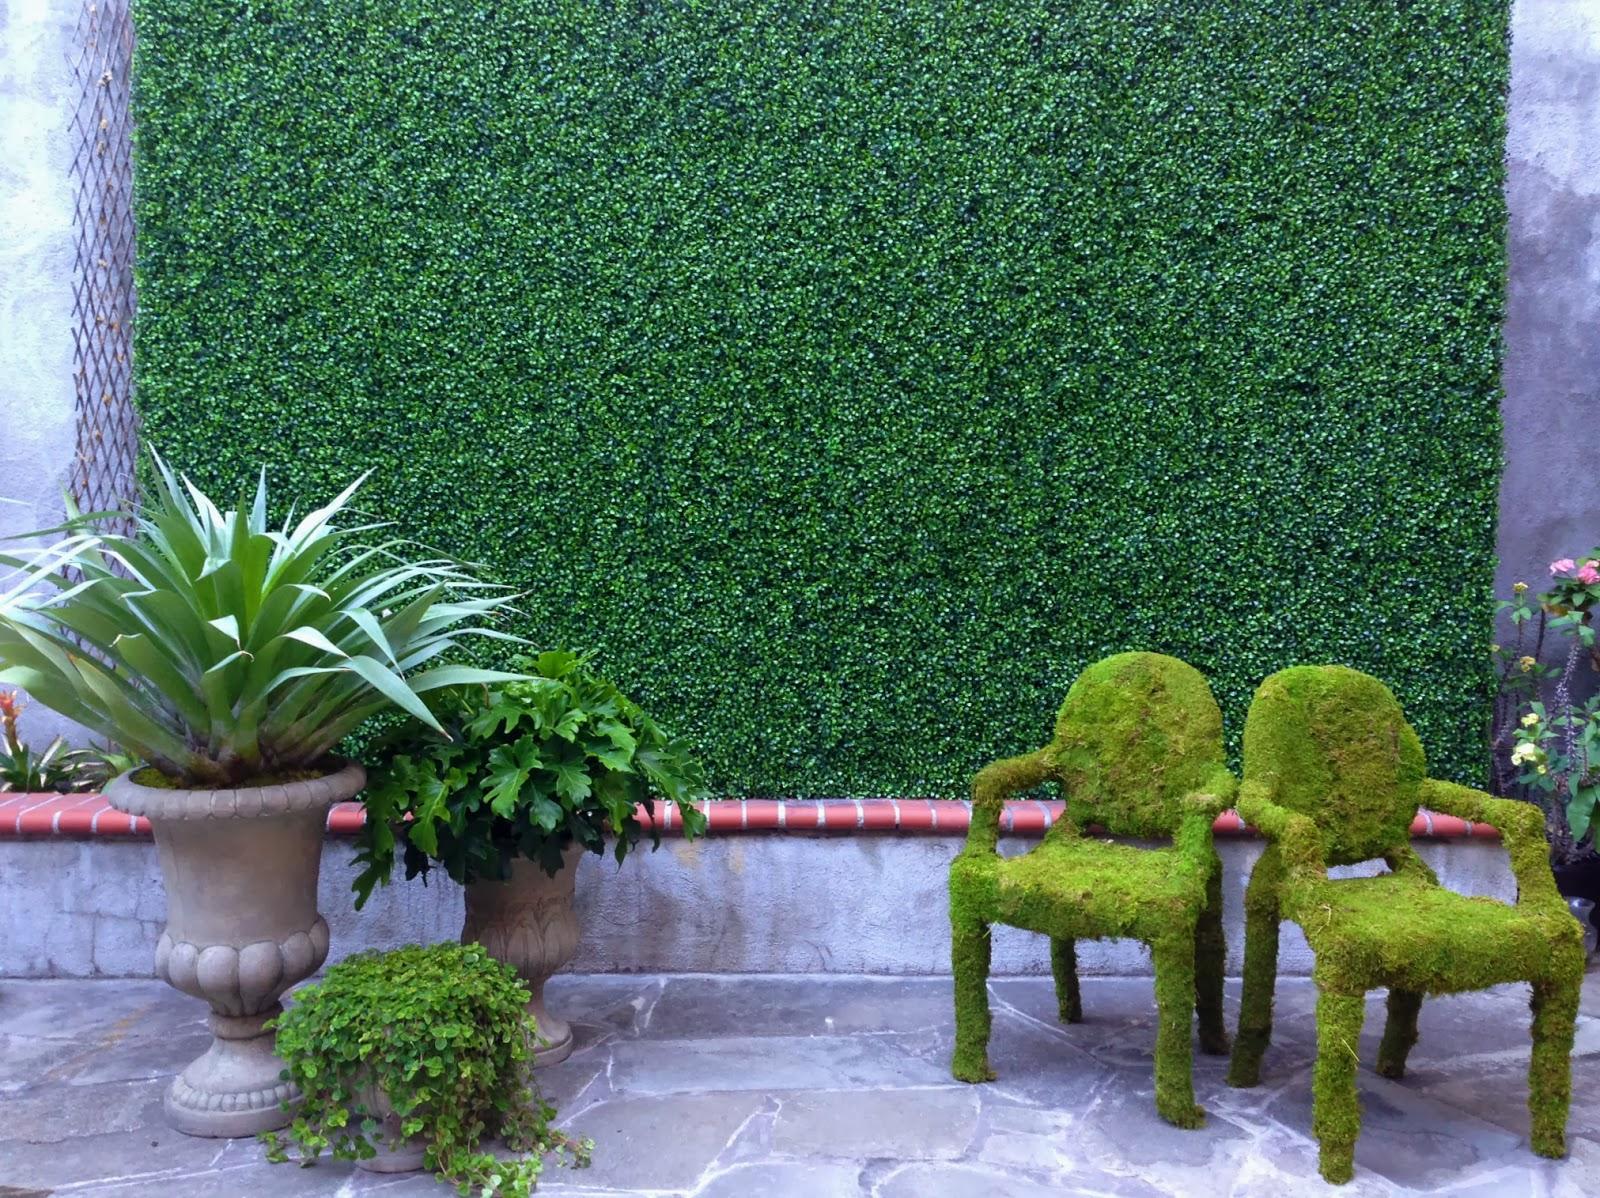 как посадить мох на участке на любой поверхности